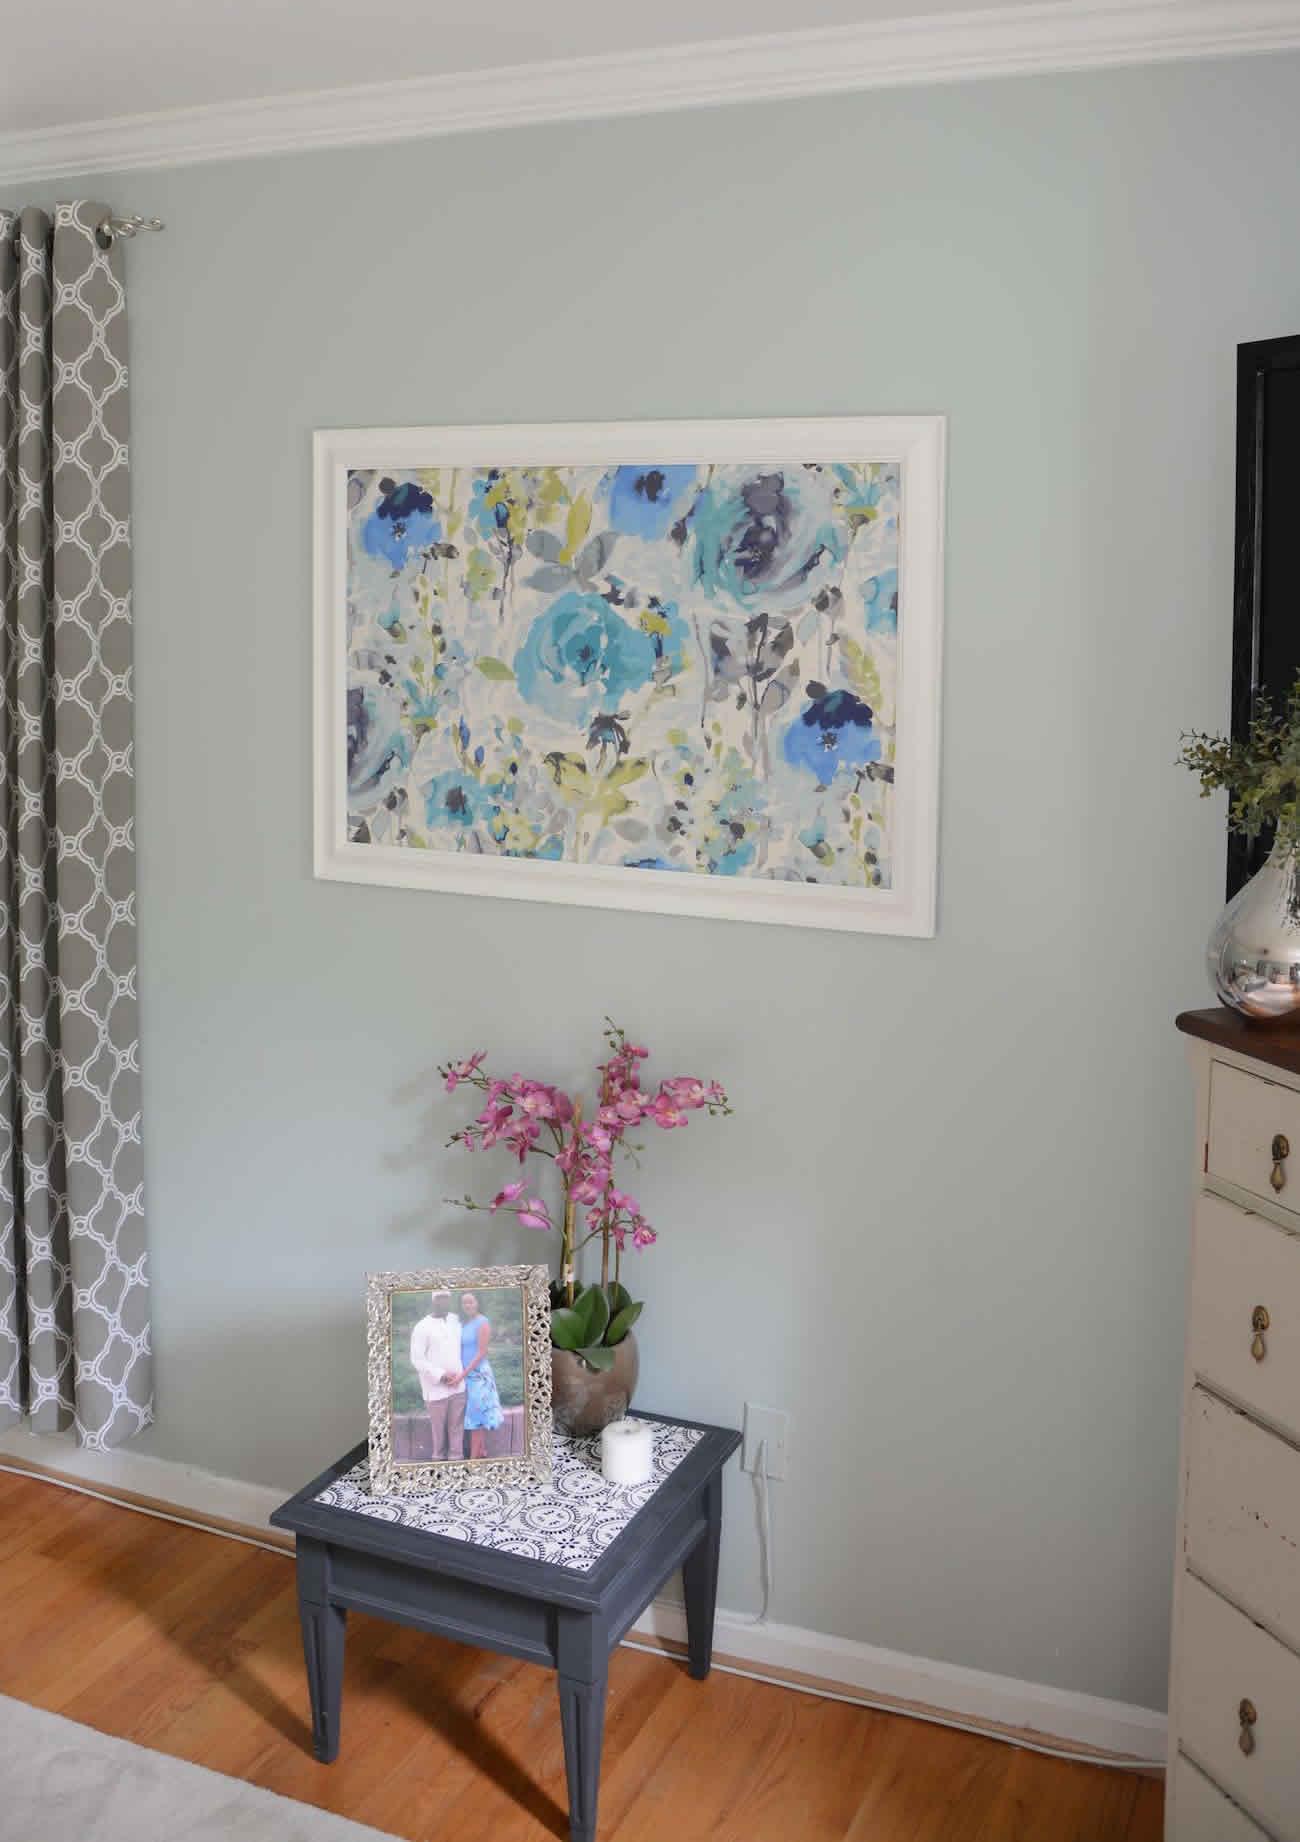 Framed Prints Above Bed